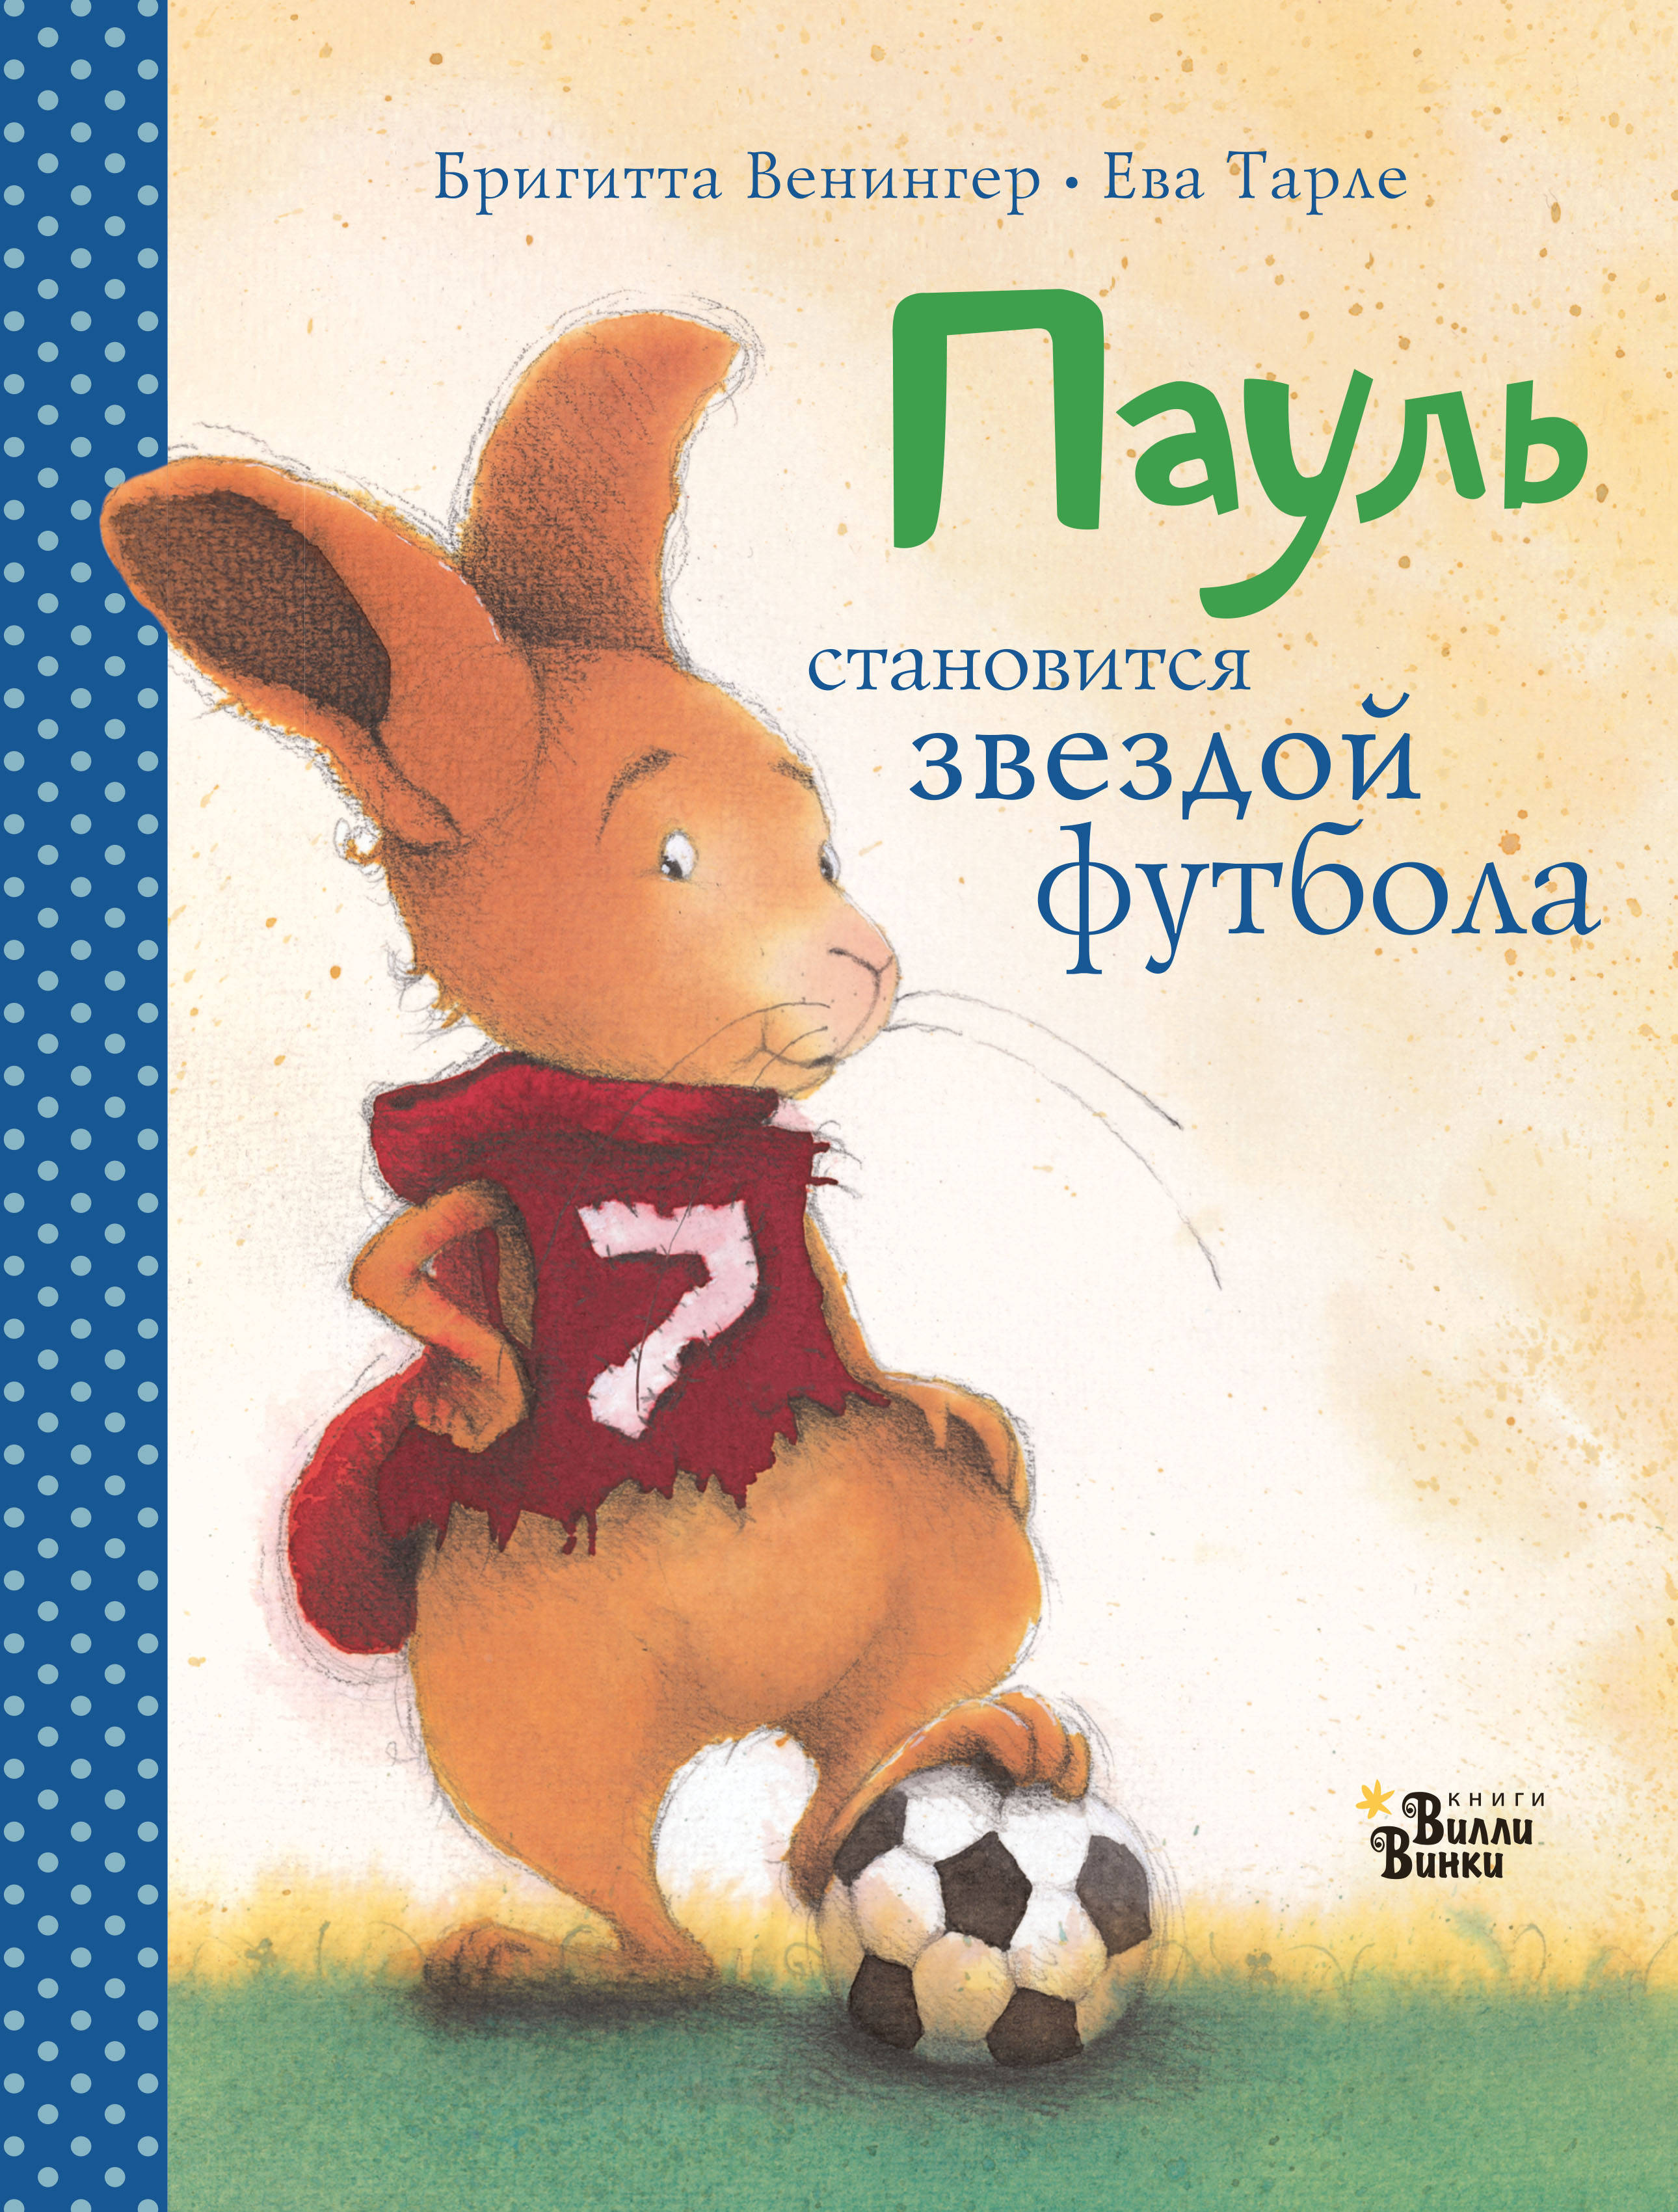 Бригитта Венингер Пауль становится звездой футбола. Четыре захватывающие истории в одной книге венингер б тарле е 24 зимние истории isbn 9785171047818